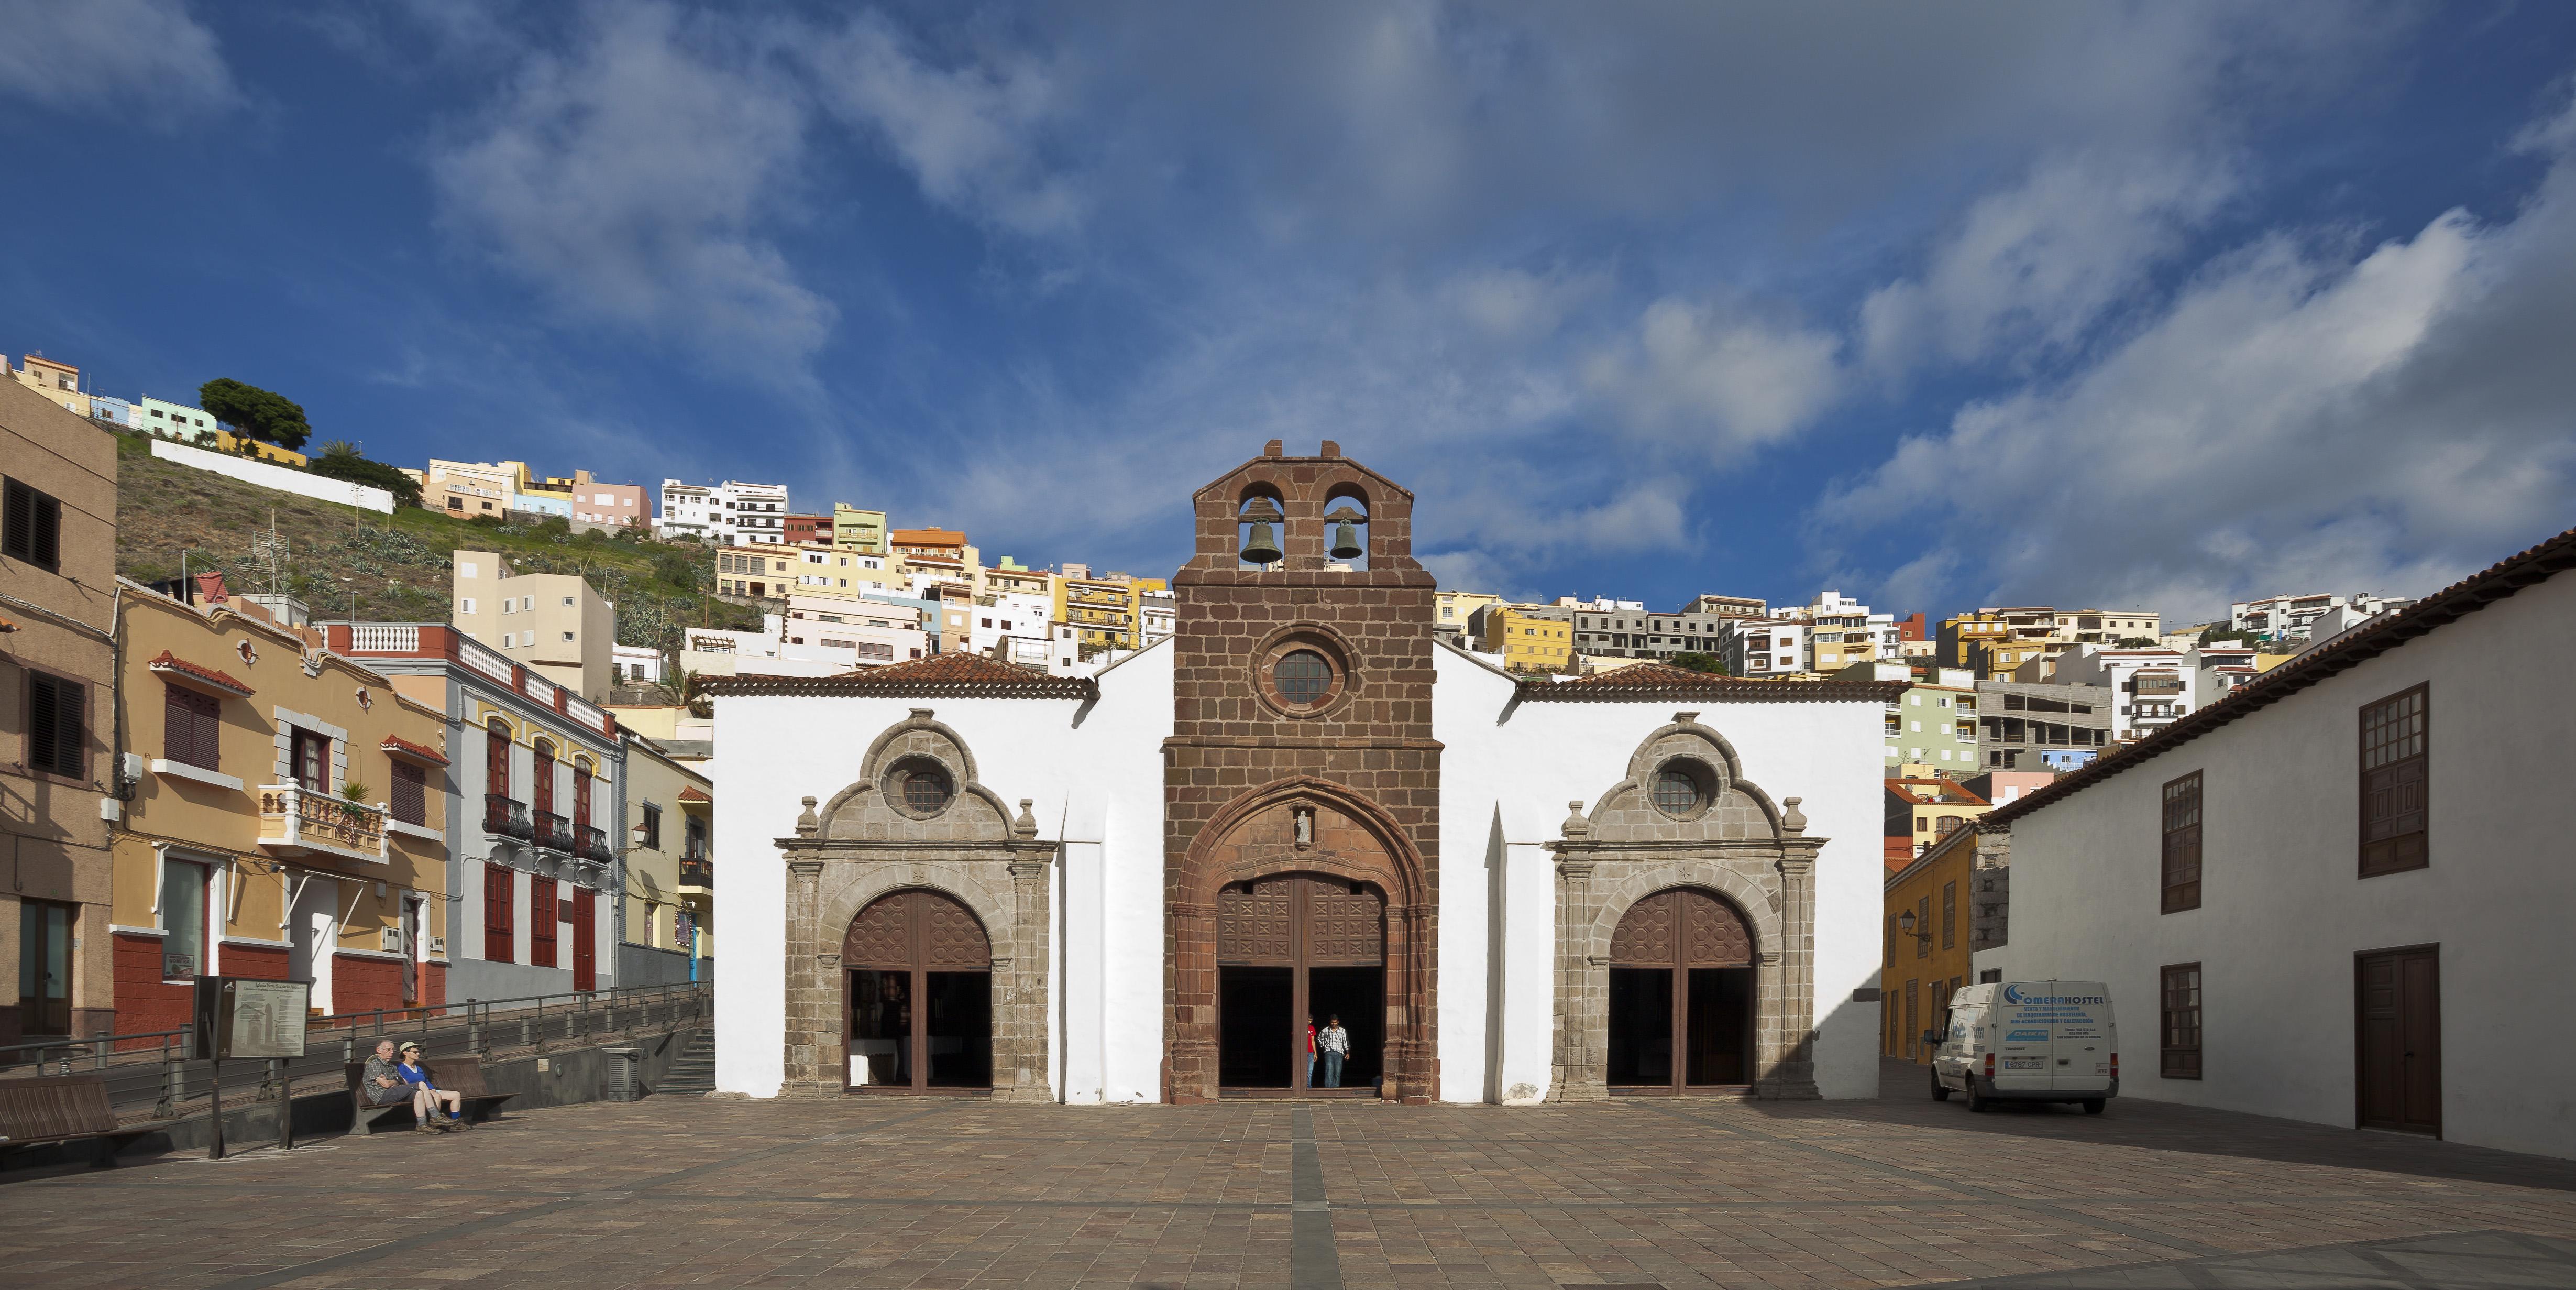 San Sebastian de la Gomer Spain  city photo : de Nuestra Señora de la Asunción, San Sebastián de la Gomera, La ...